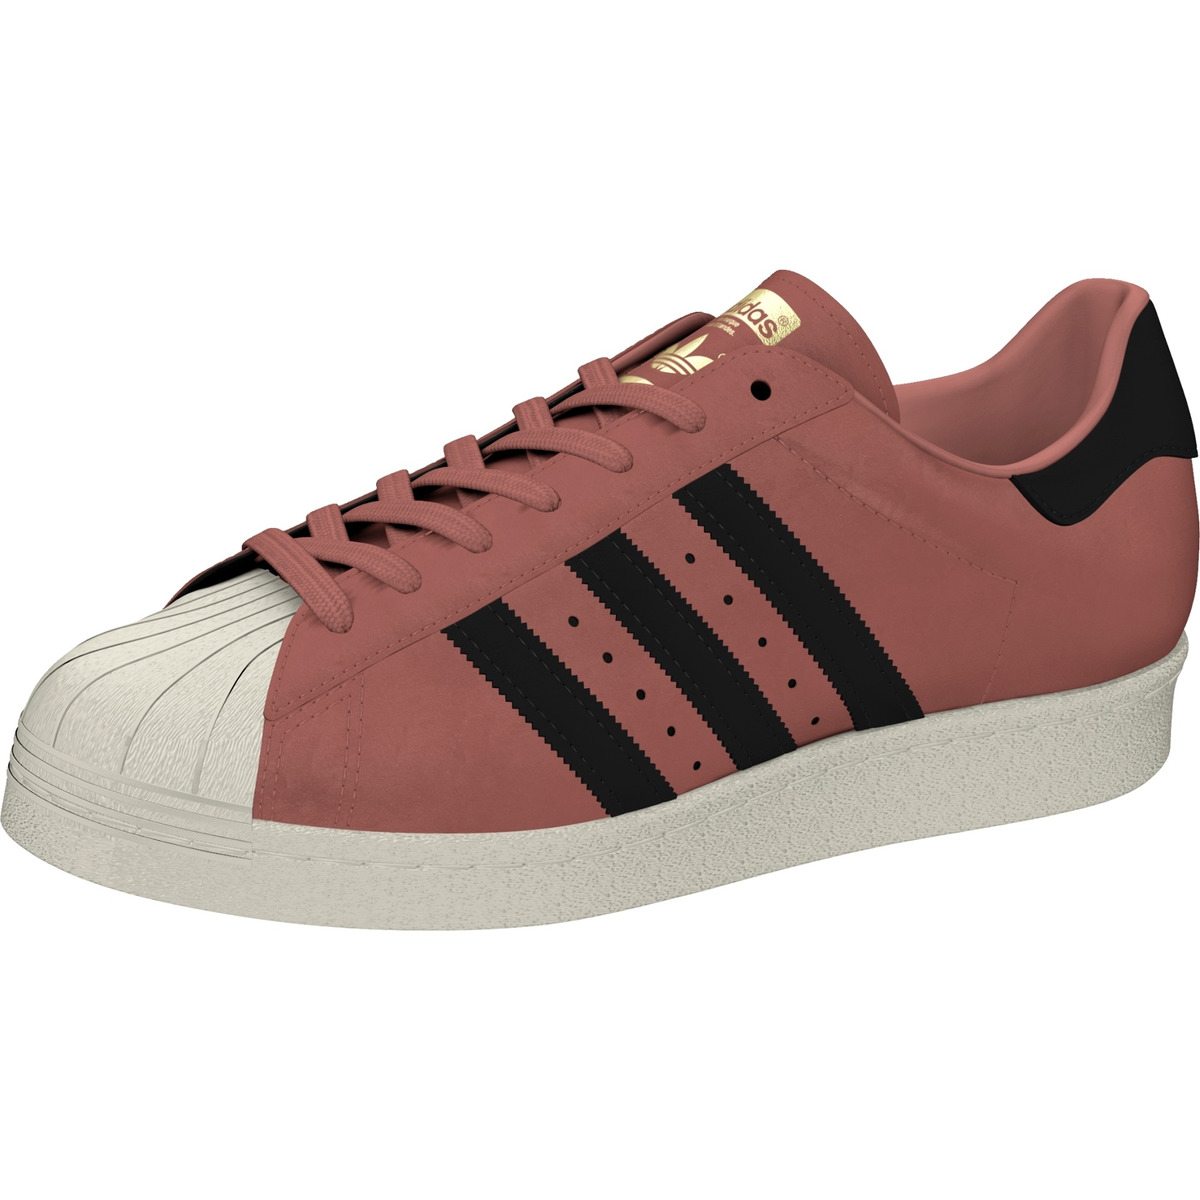 6f4324e96 Zapatillas adidas Originals Superstar 80s W Mujer Cq2513-cq2 ...